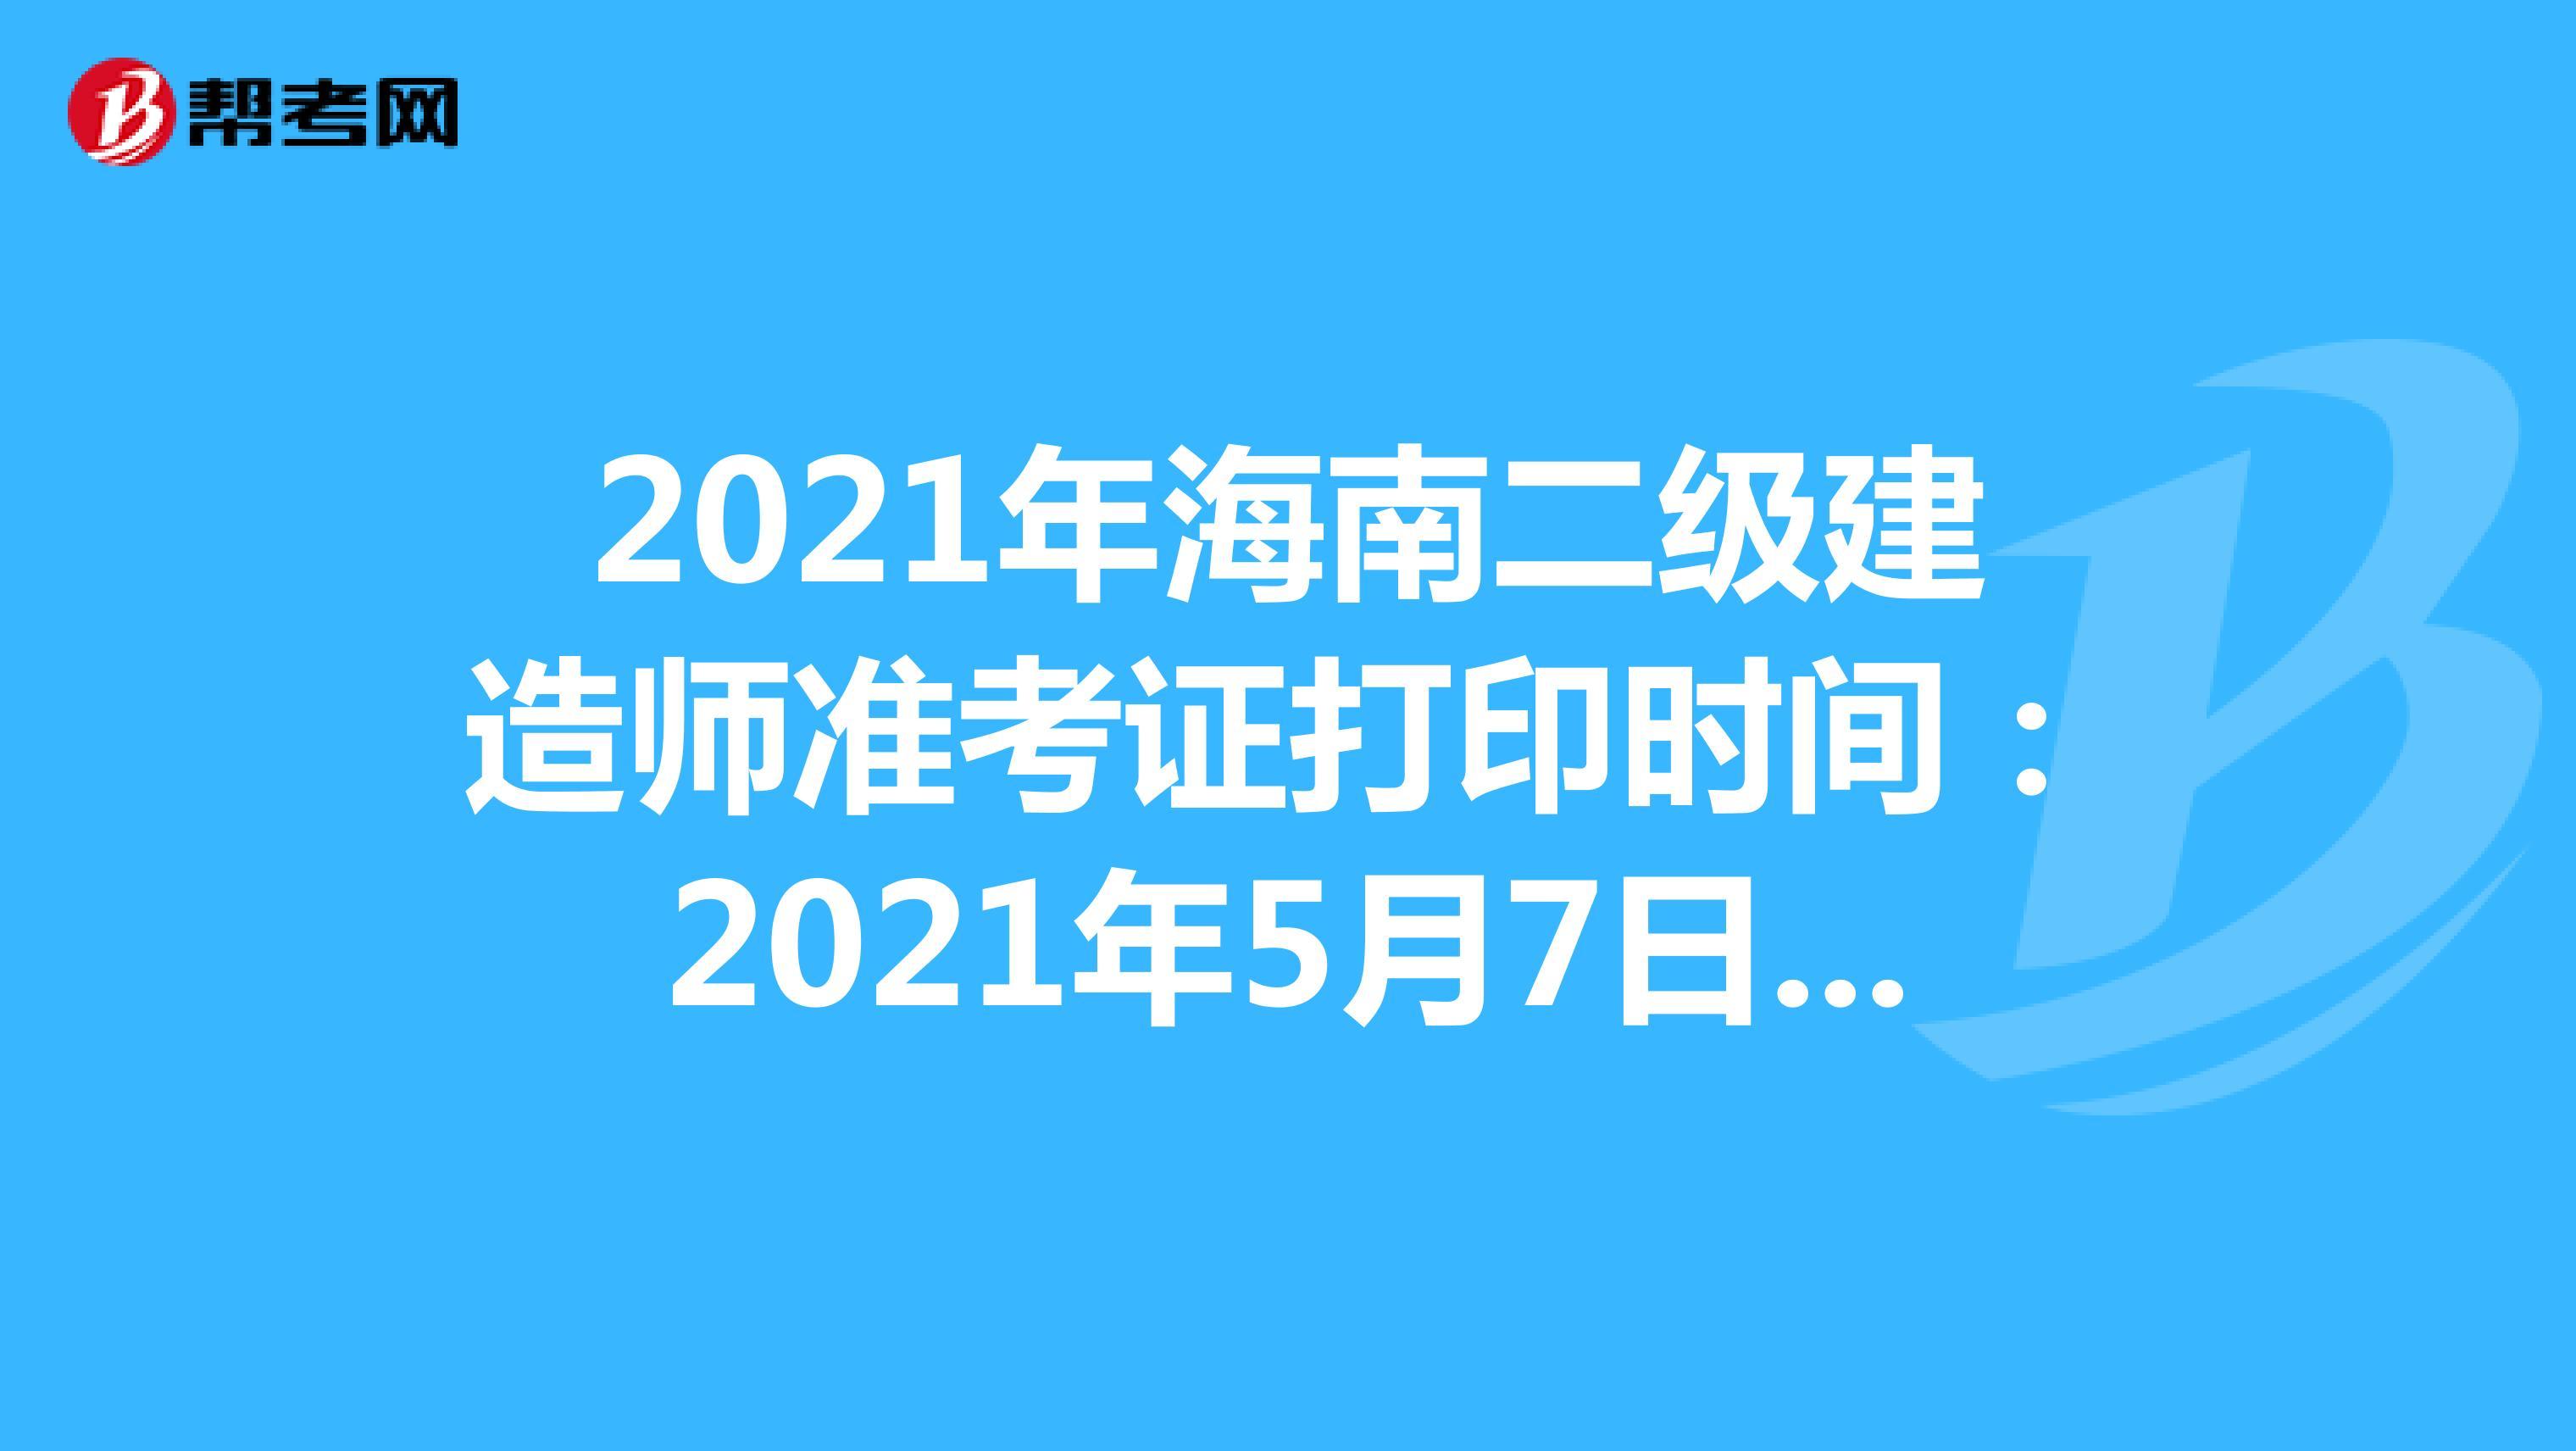 2021年海南二级建造师准考证打印时间:2021年5月7日-21日